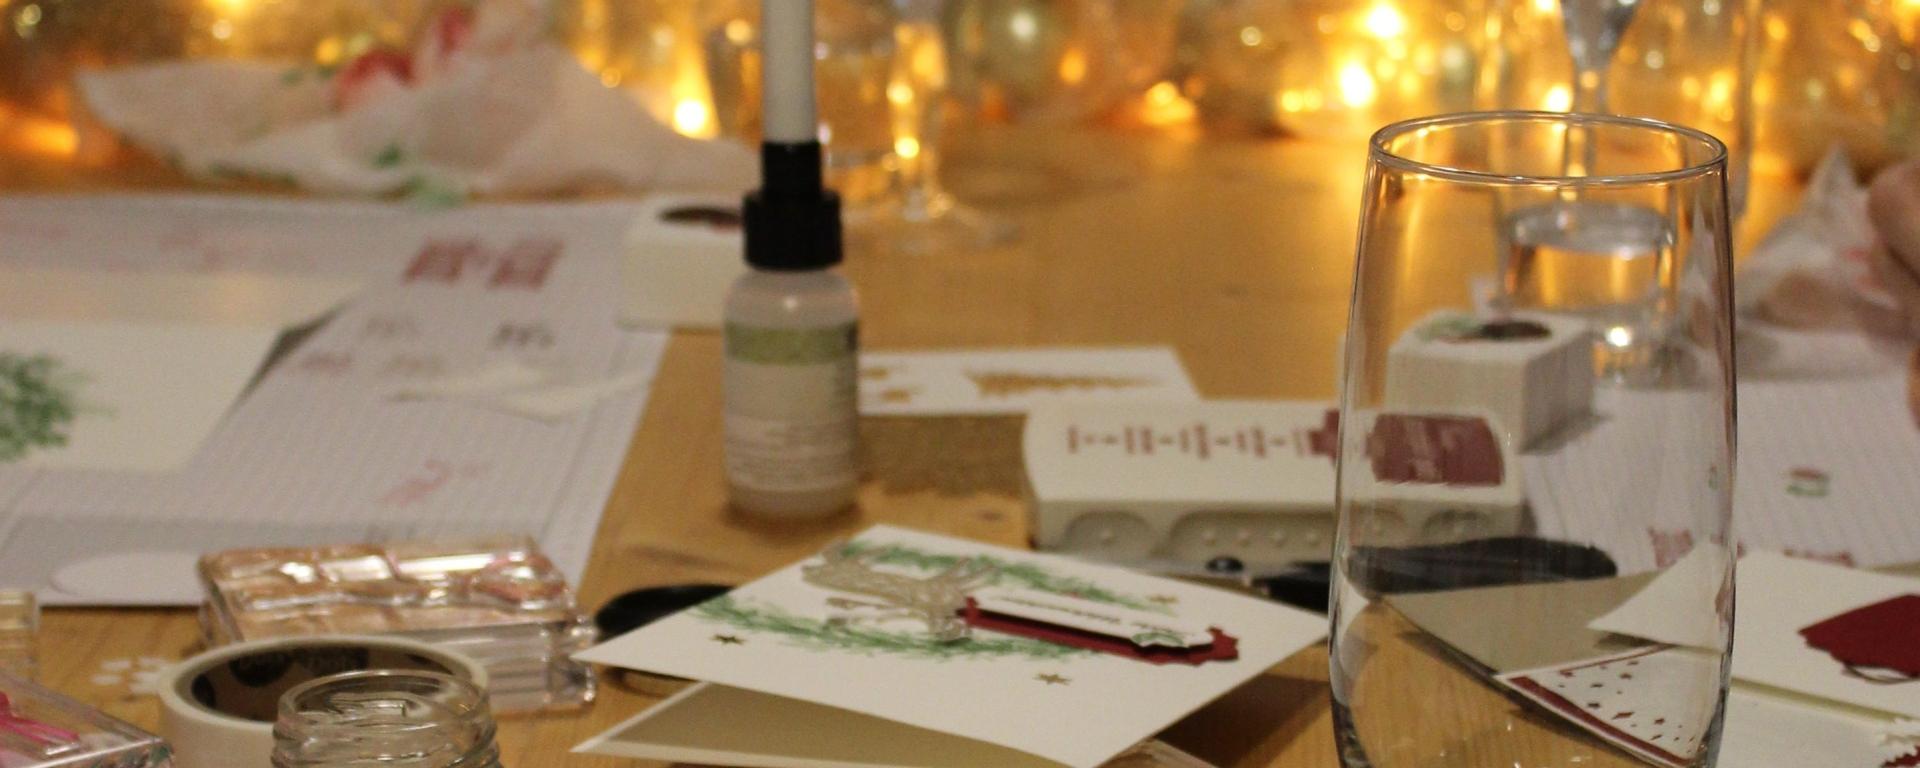 Stempelhurra.com, Weihnachten, Workshop, München, Stampim Up, SU